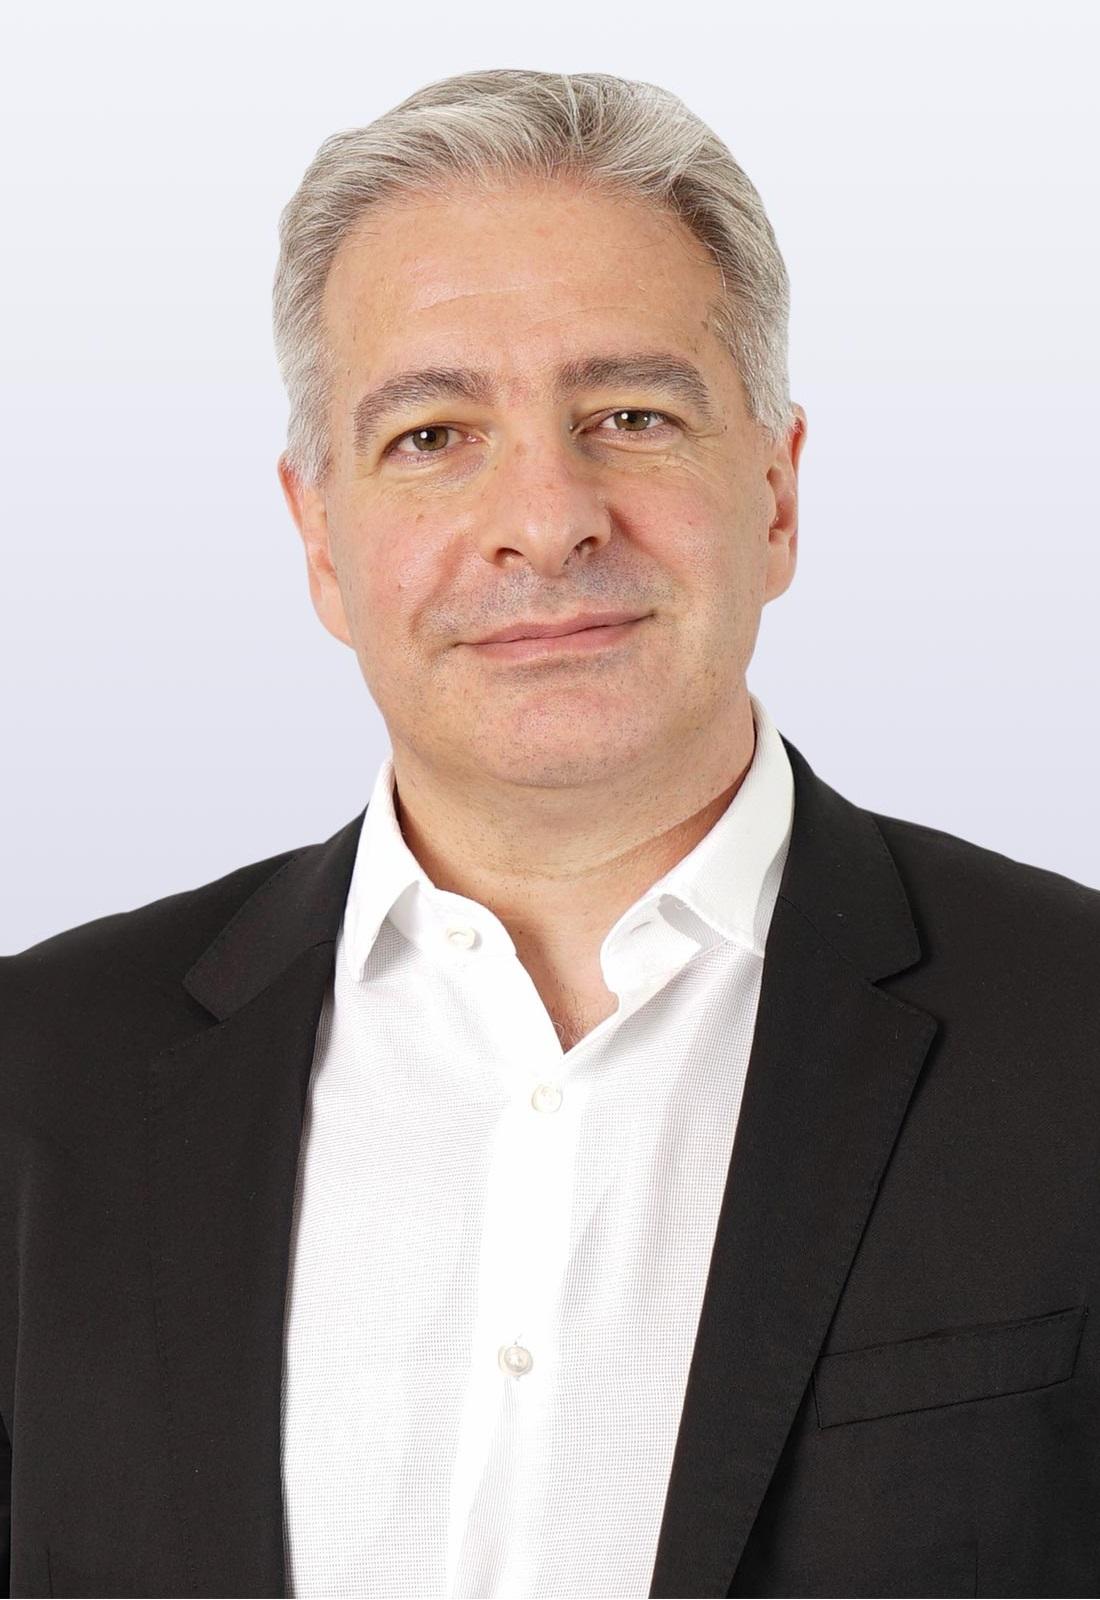 Paolo Bozzola